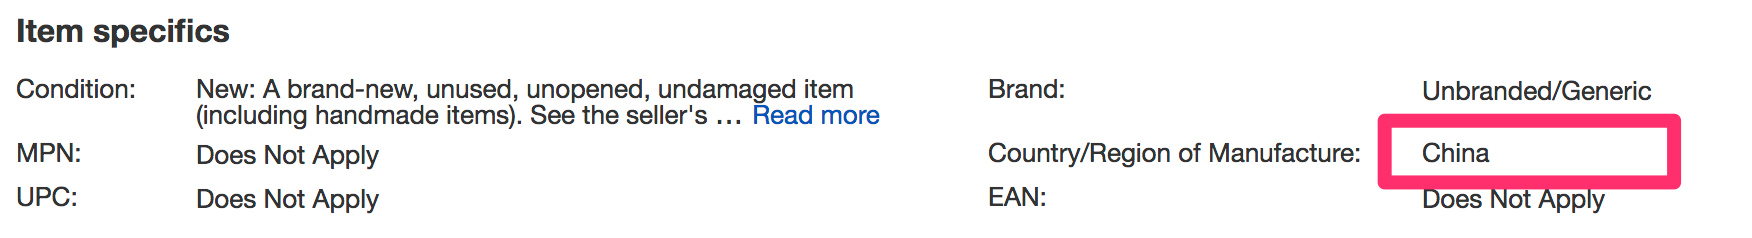 item_specifics